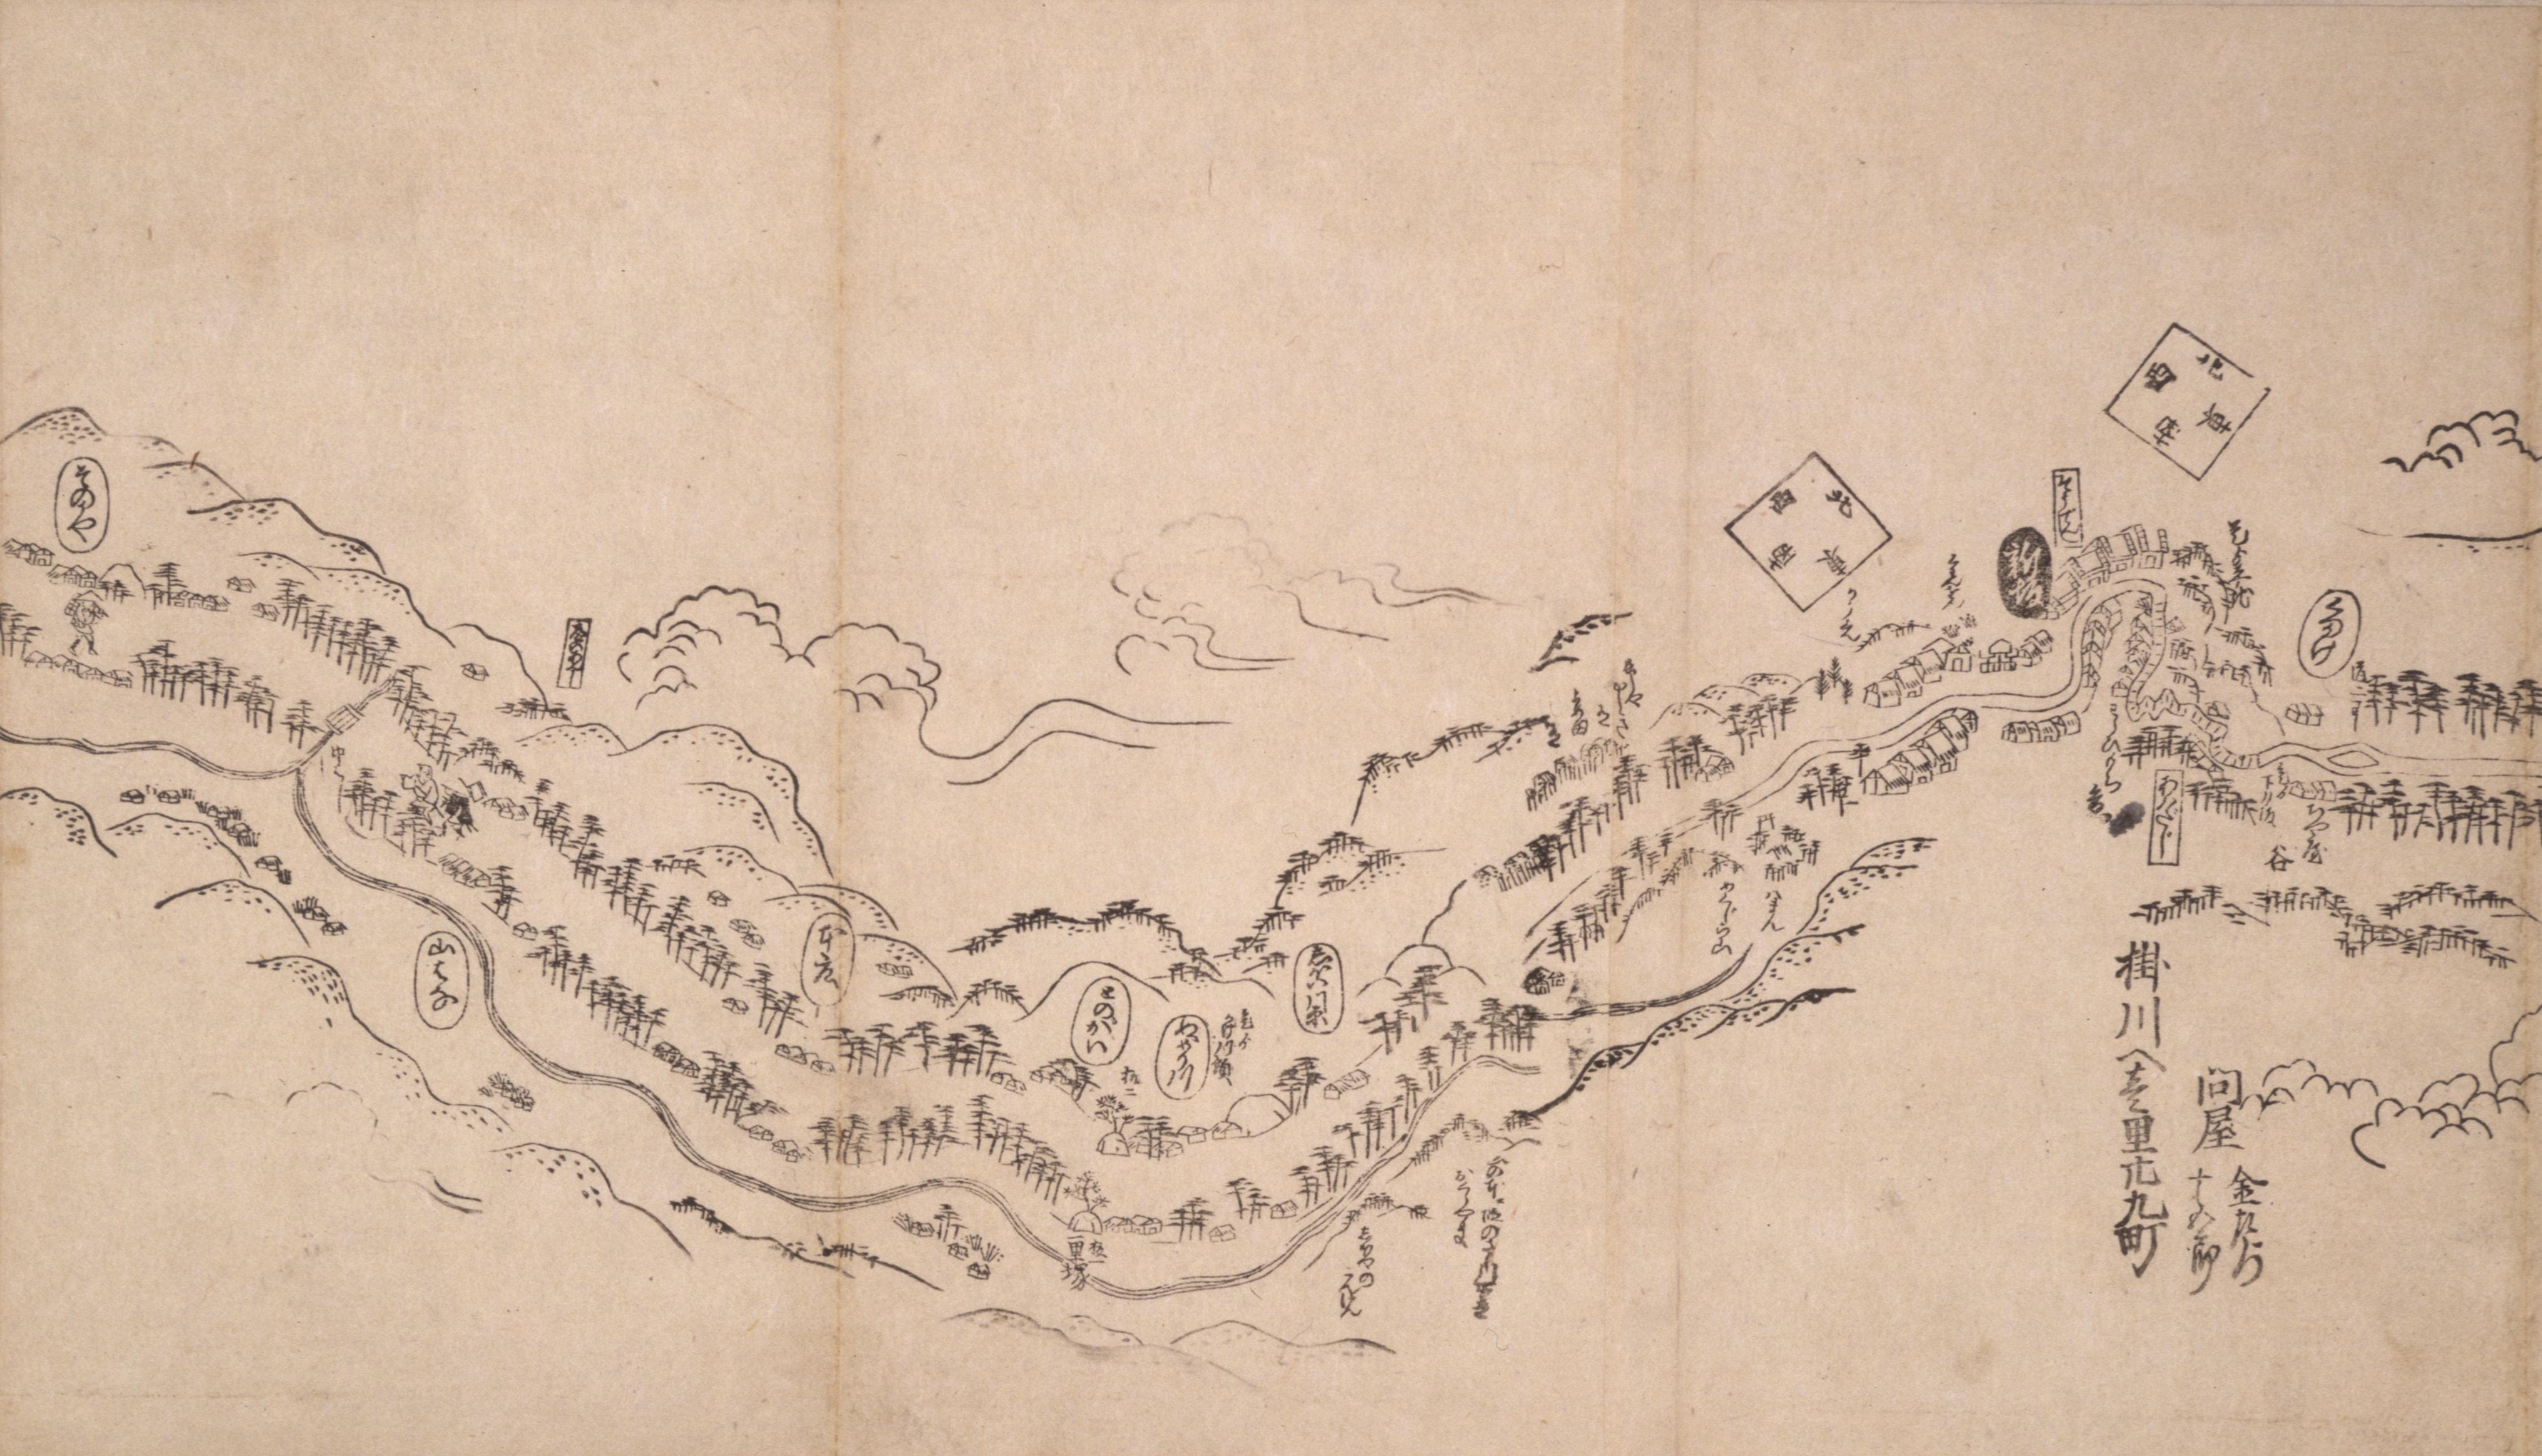 東海道分間之図 三十七